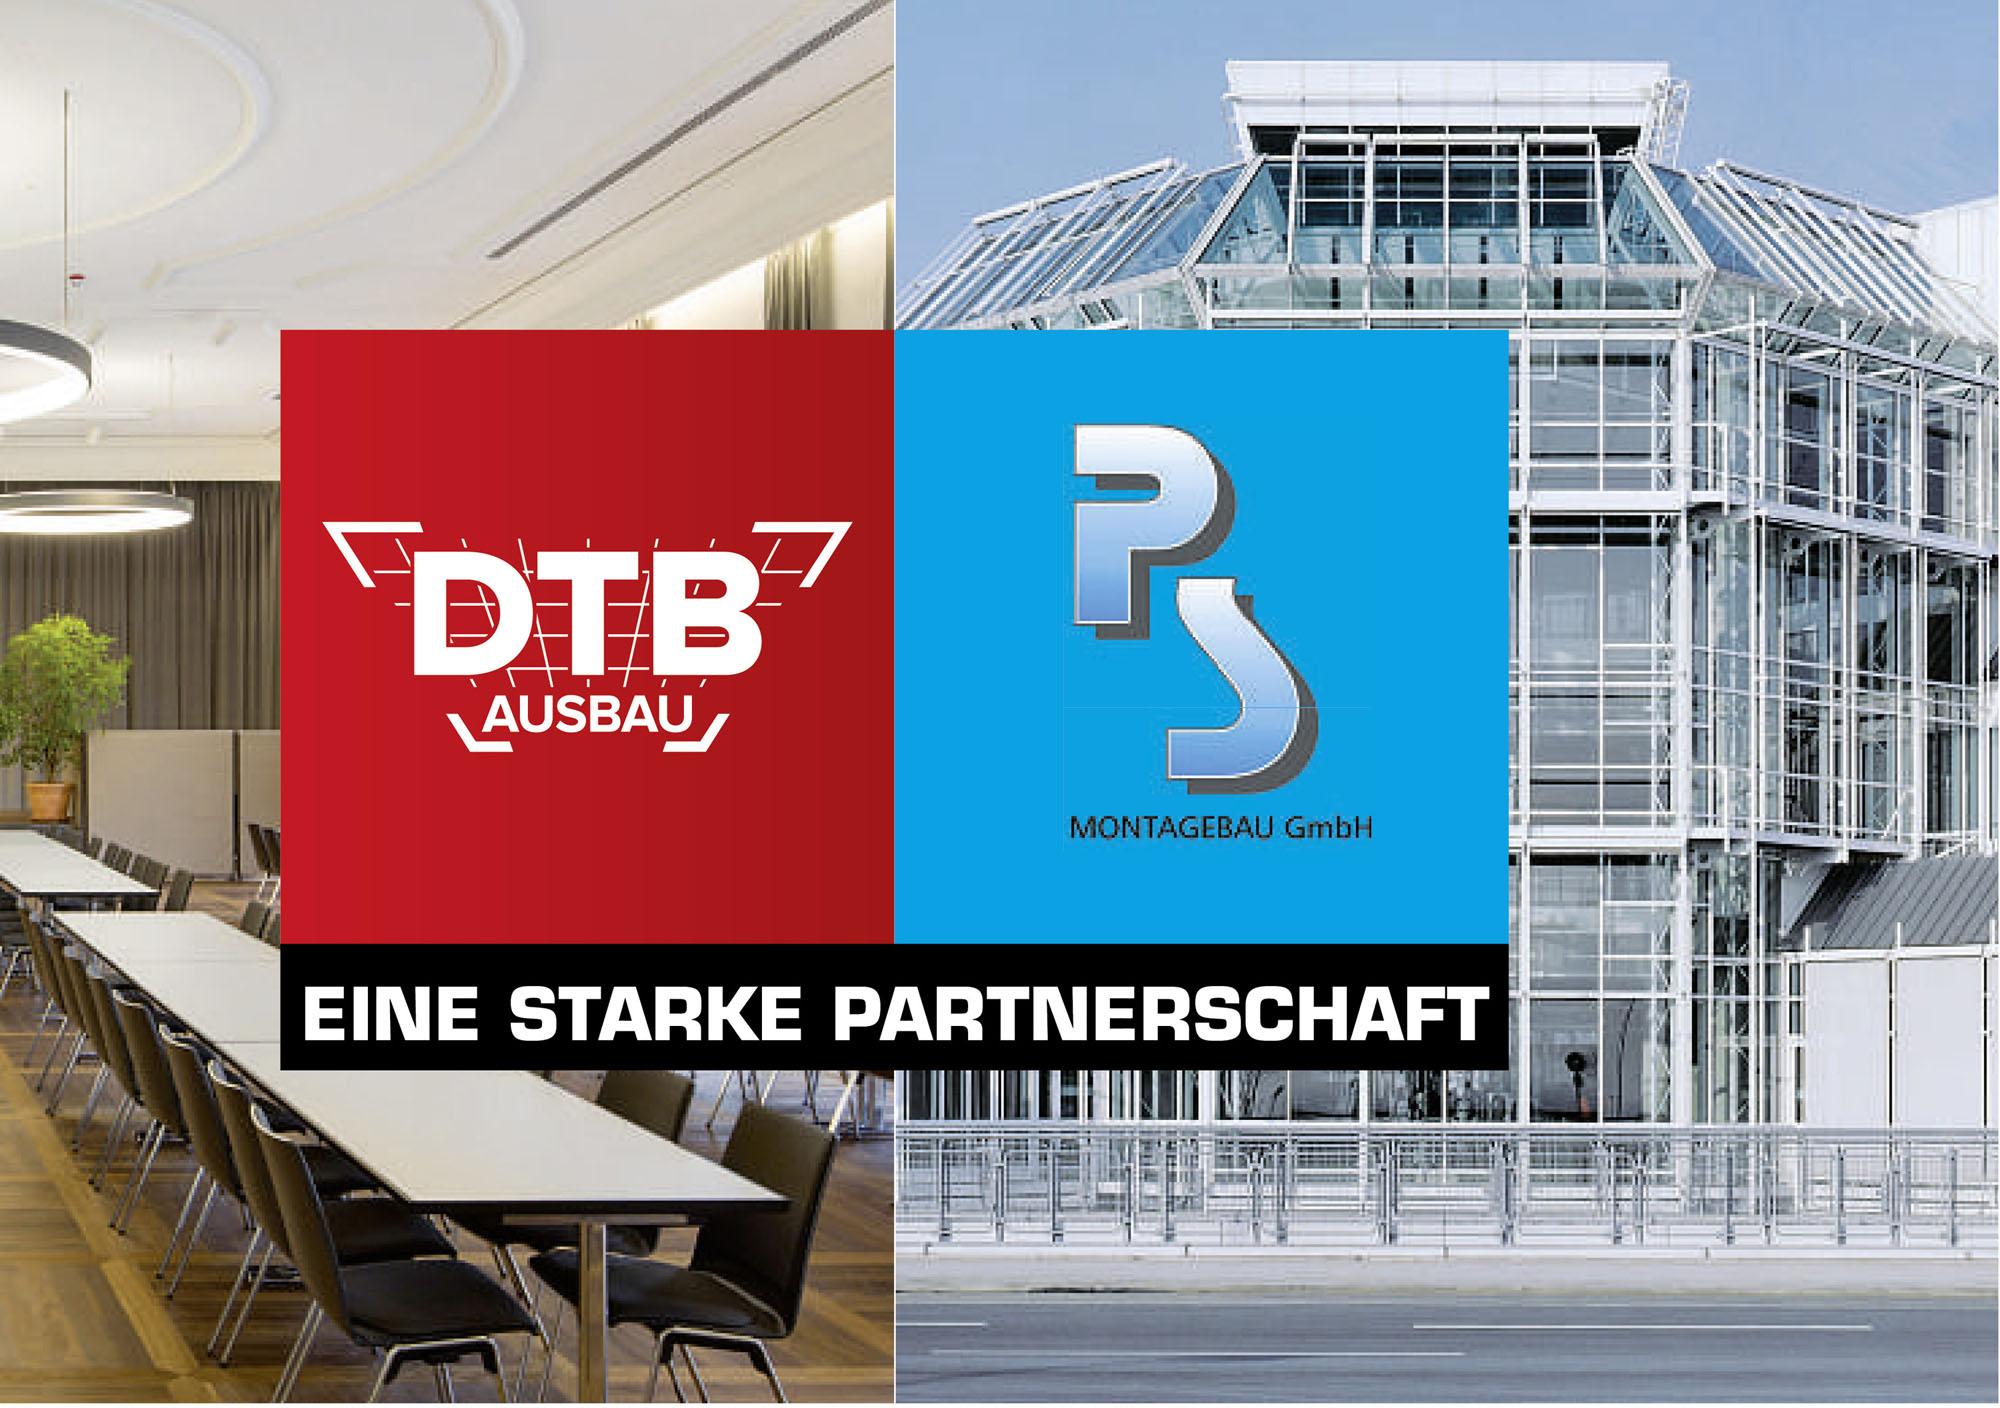 DTB Ausbau und P+S Motagebau